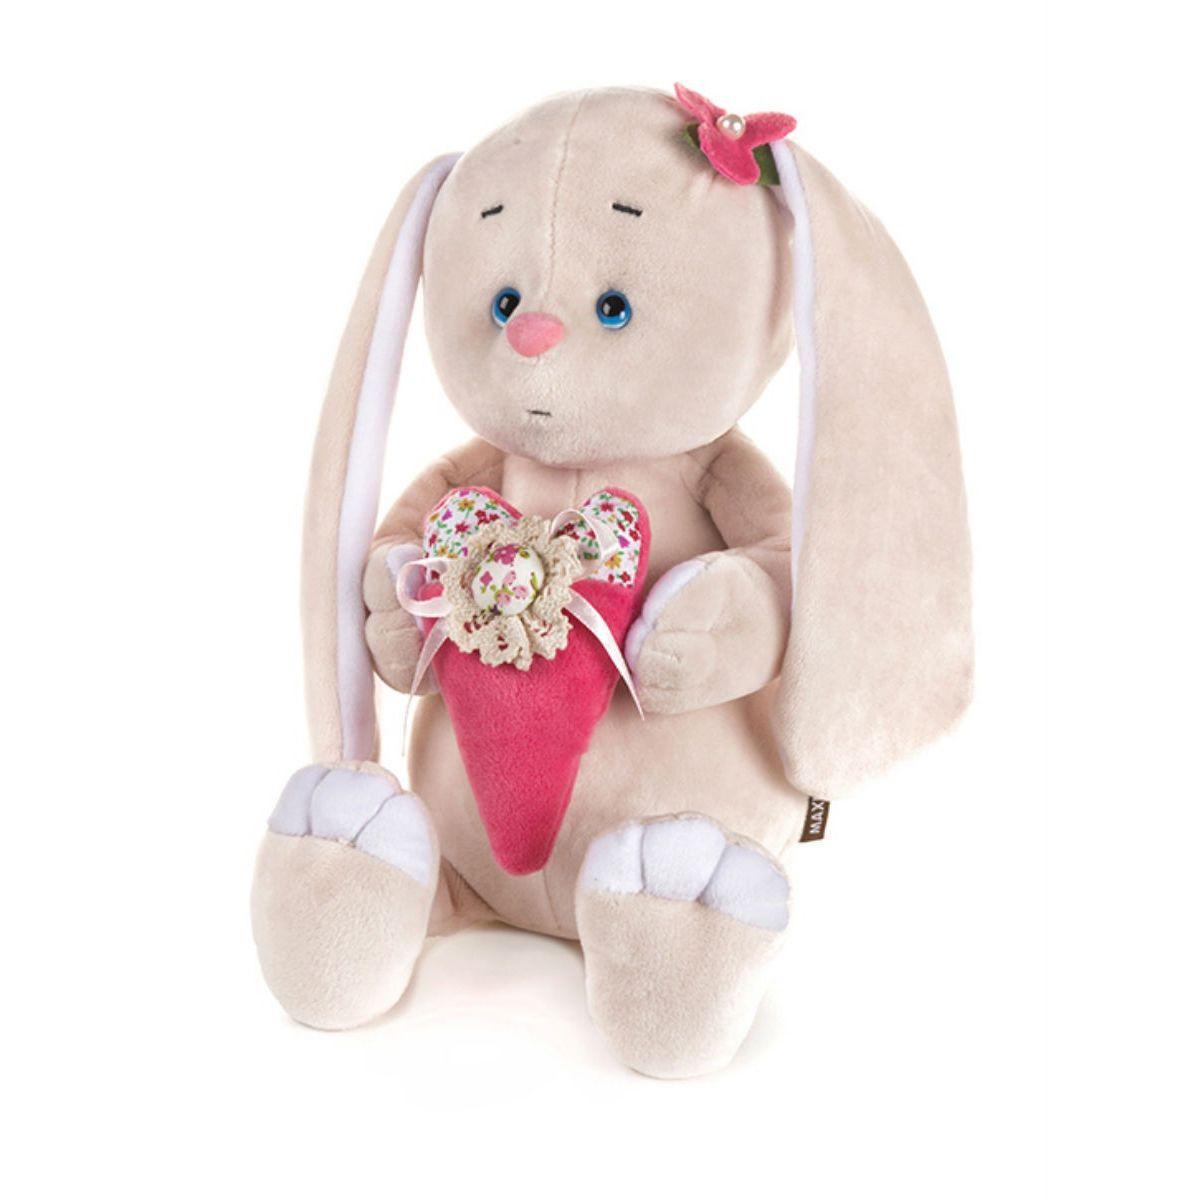 Купить Мягкая игрушка MAXITOYS Романтичный Зайчик с розовым сердцем 25 см., Россия